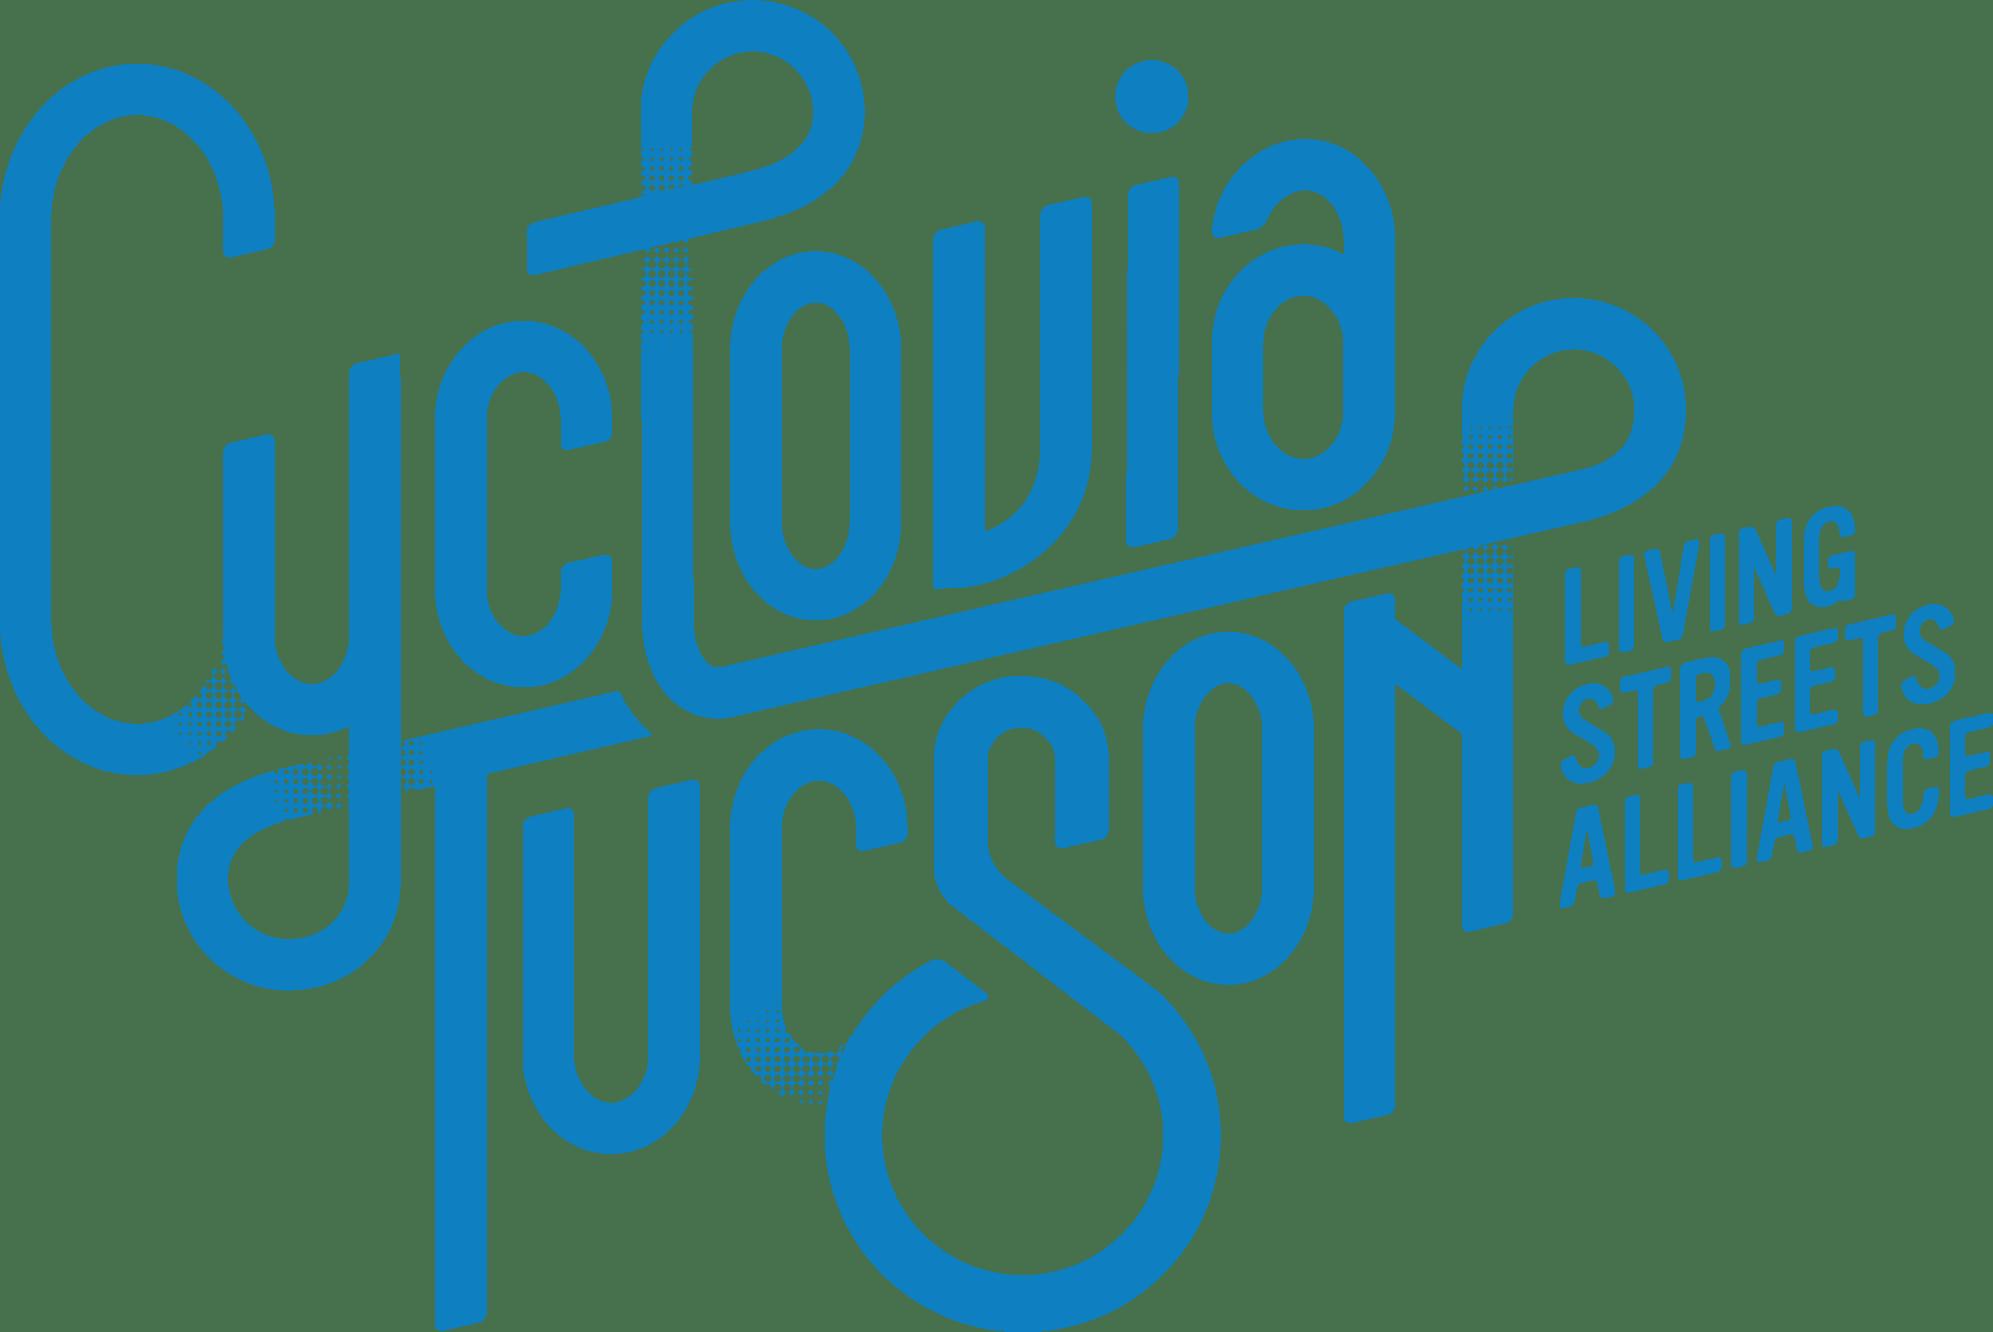 cyclovia_lsa_logo.png